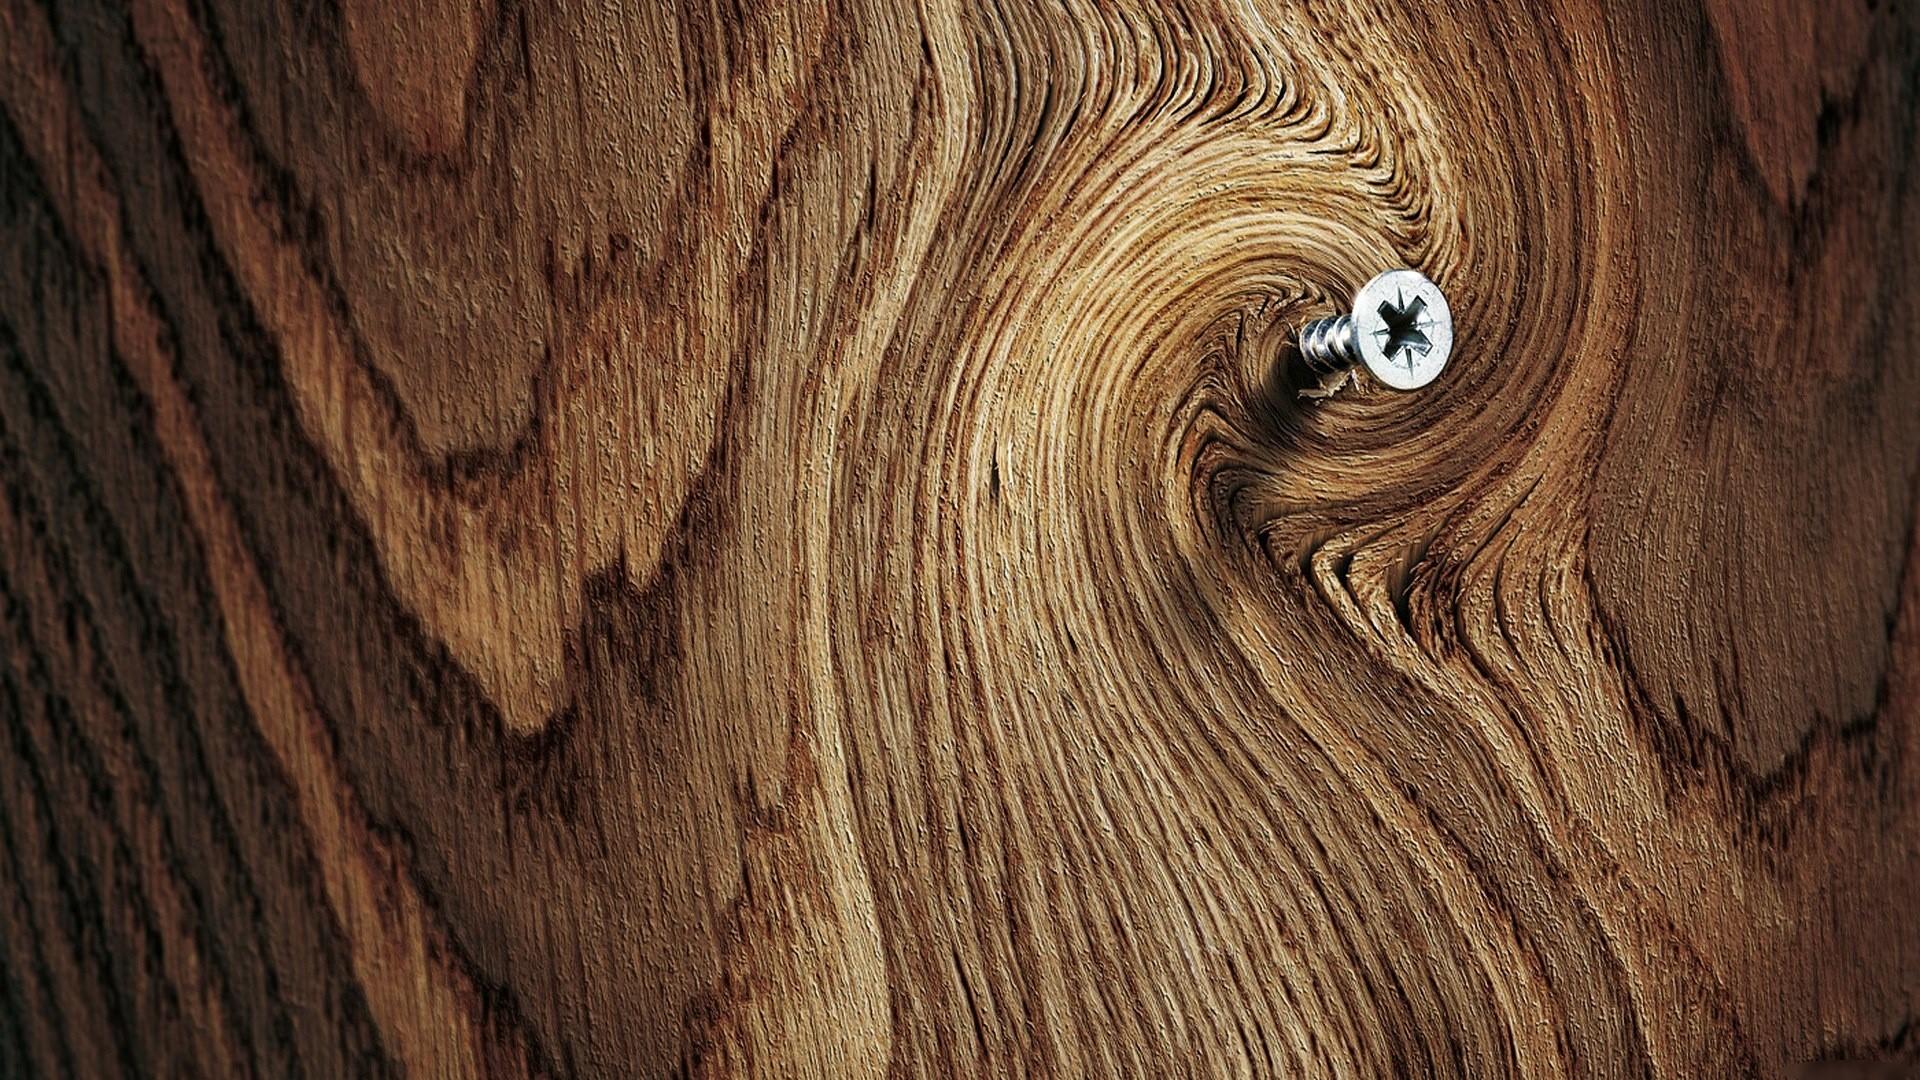 Hd wallpaper wood - Screw In Wood Wallpaper Hd Wallpaper Wallpaperlepi